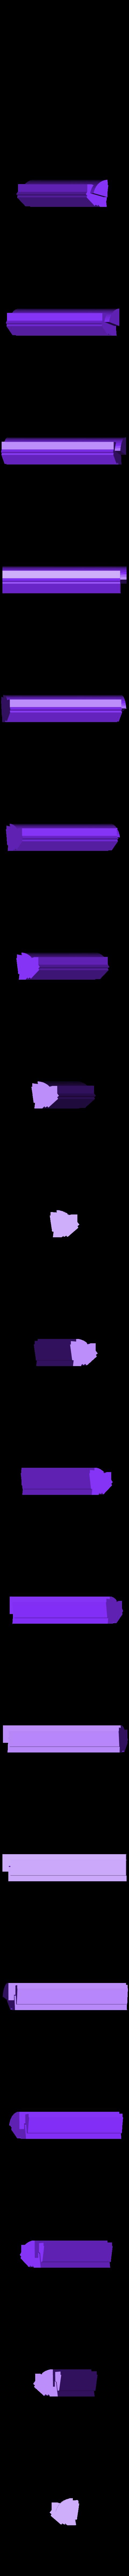 The_Grant.stl Télécharger fichier STL gratuit Mise à jour de Chicago • Plan pour impression 3D, Urukgar4D